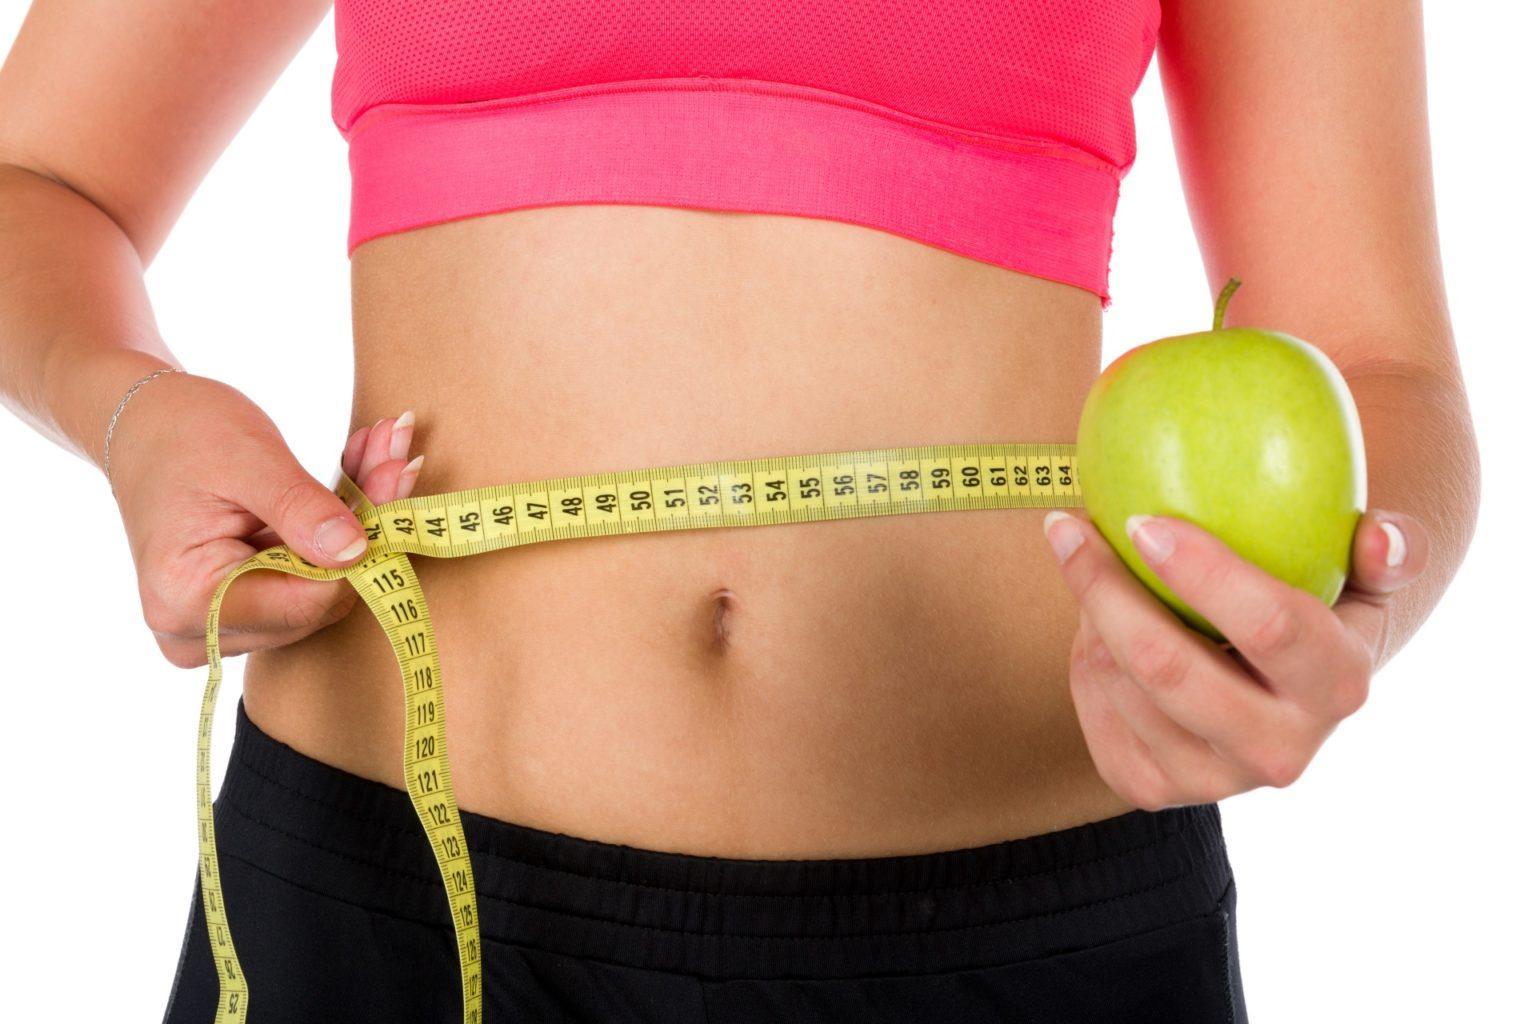 Как быстро сбросить вес в домашних условиях: эффективные диеты и полезные рекомендации - tony.ru